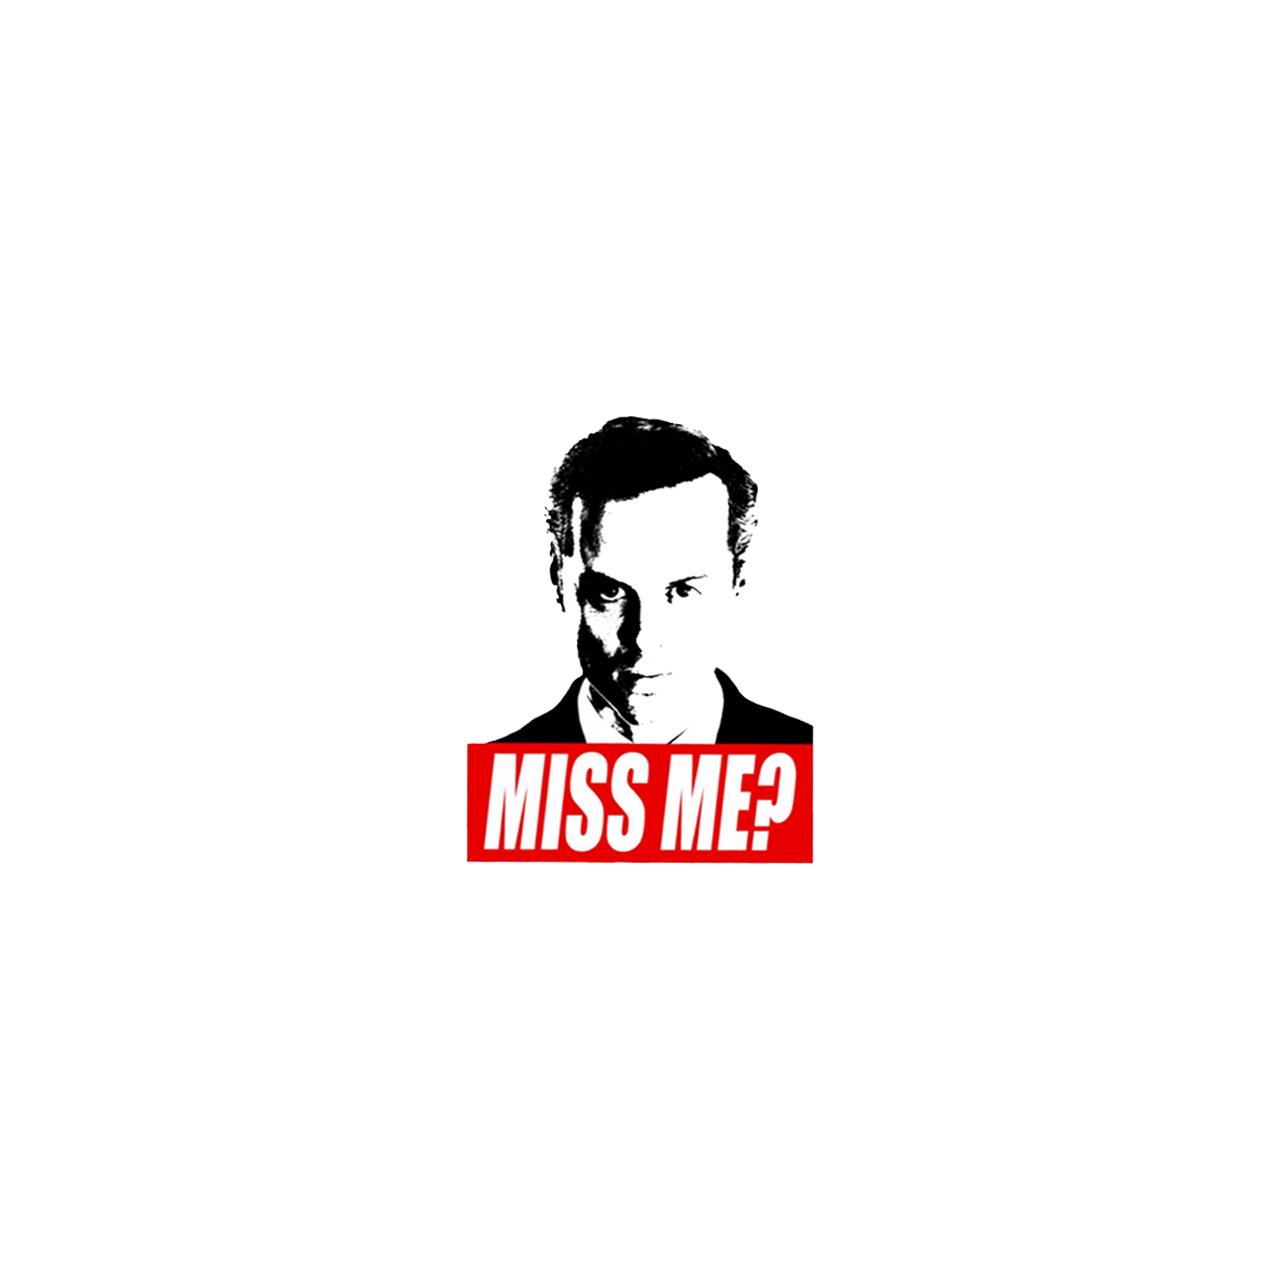 بررسی و {خرید با تخفیف} استیکر لپ تاپ لولو طرح موریارتی سریال شرلوک کد 369 اصل